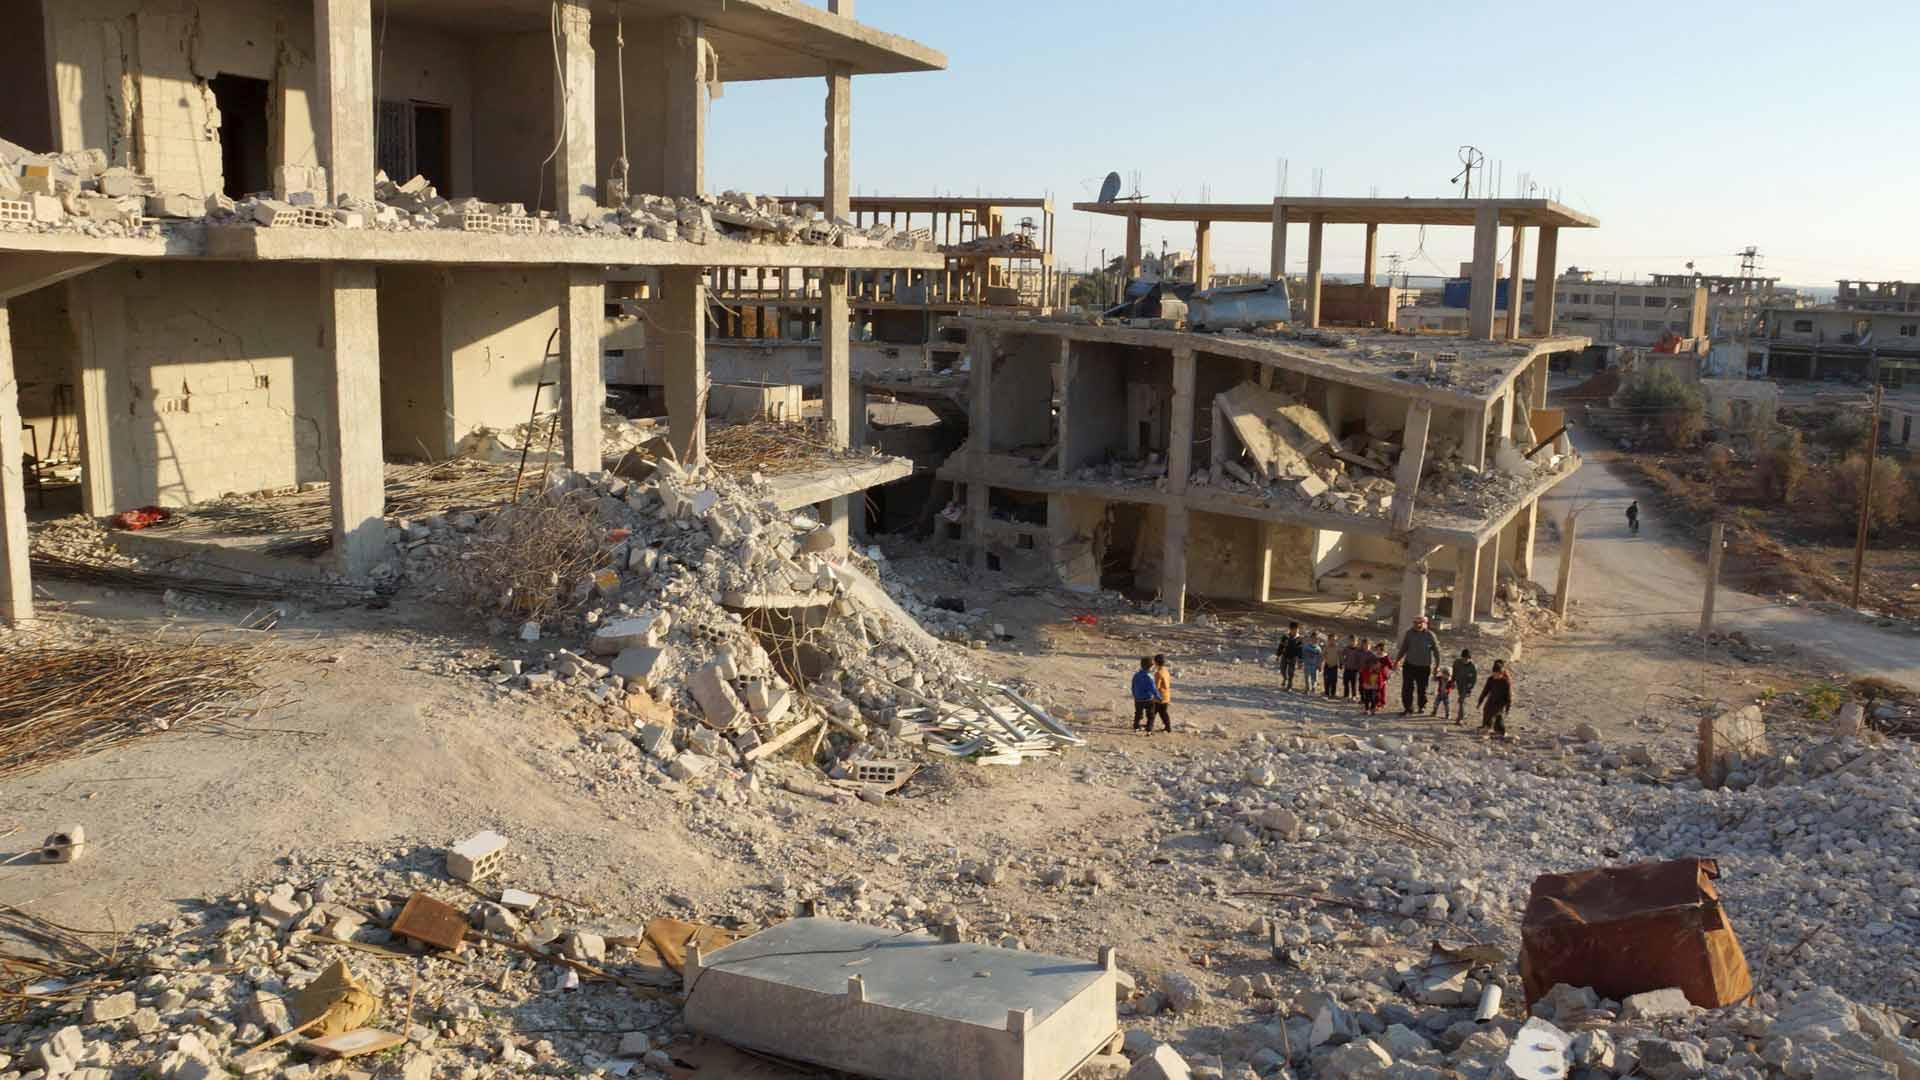 La milicia terrorista atacó con tres automóviles cargados de explosivos y combatientes suicidas